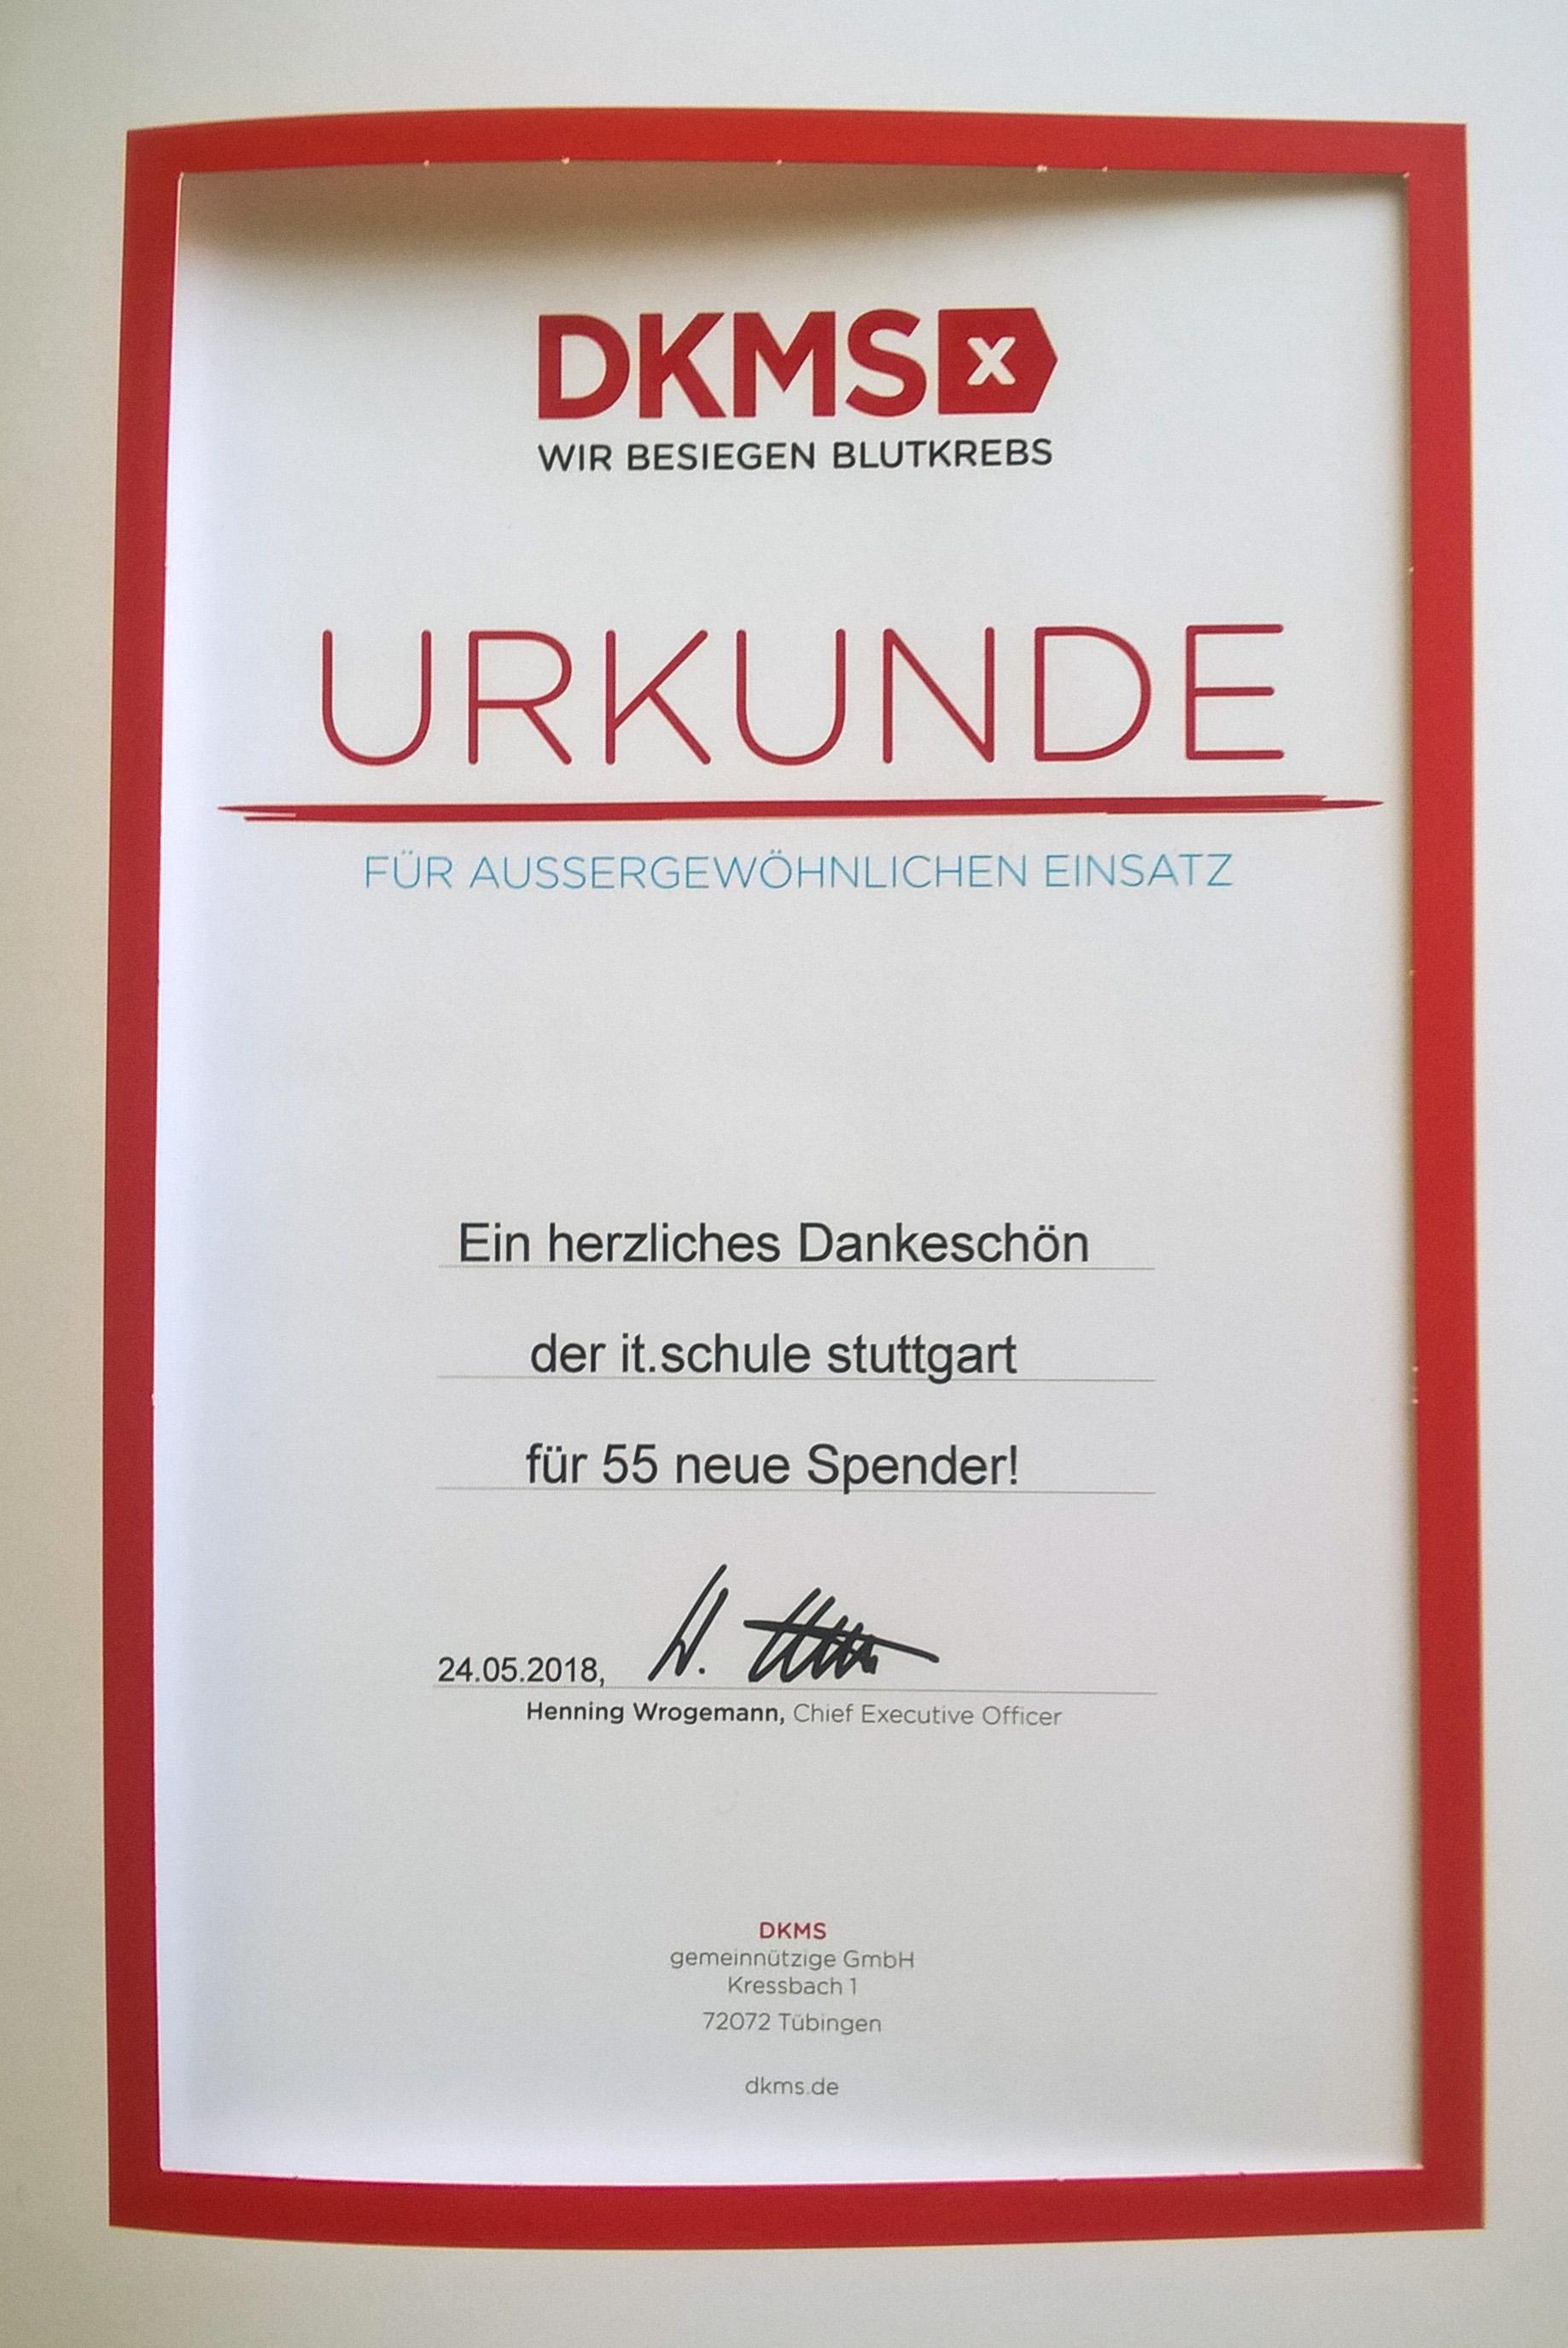 Urkunde der DKMS